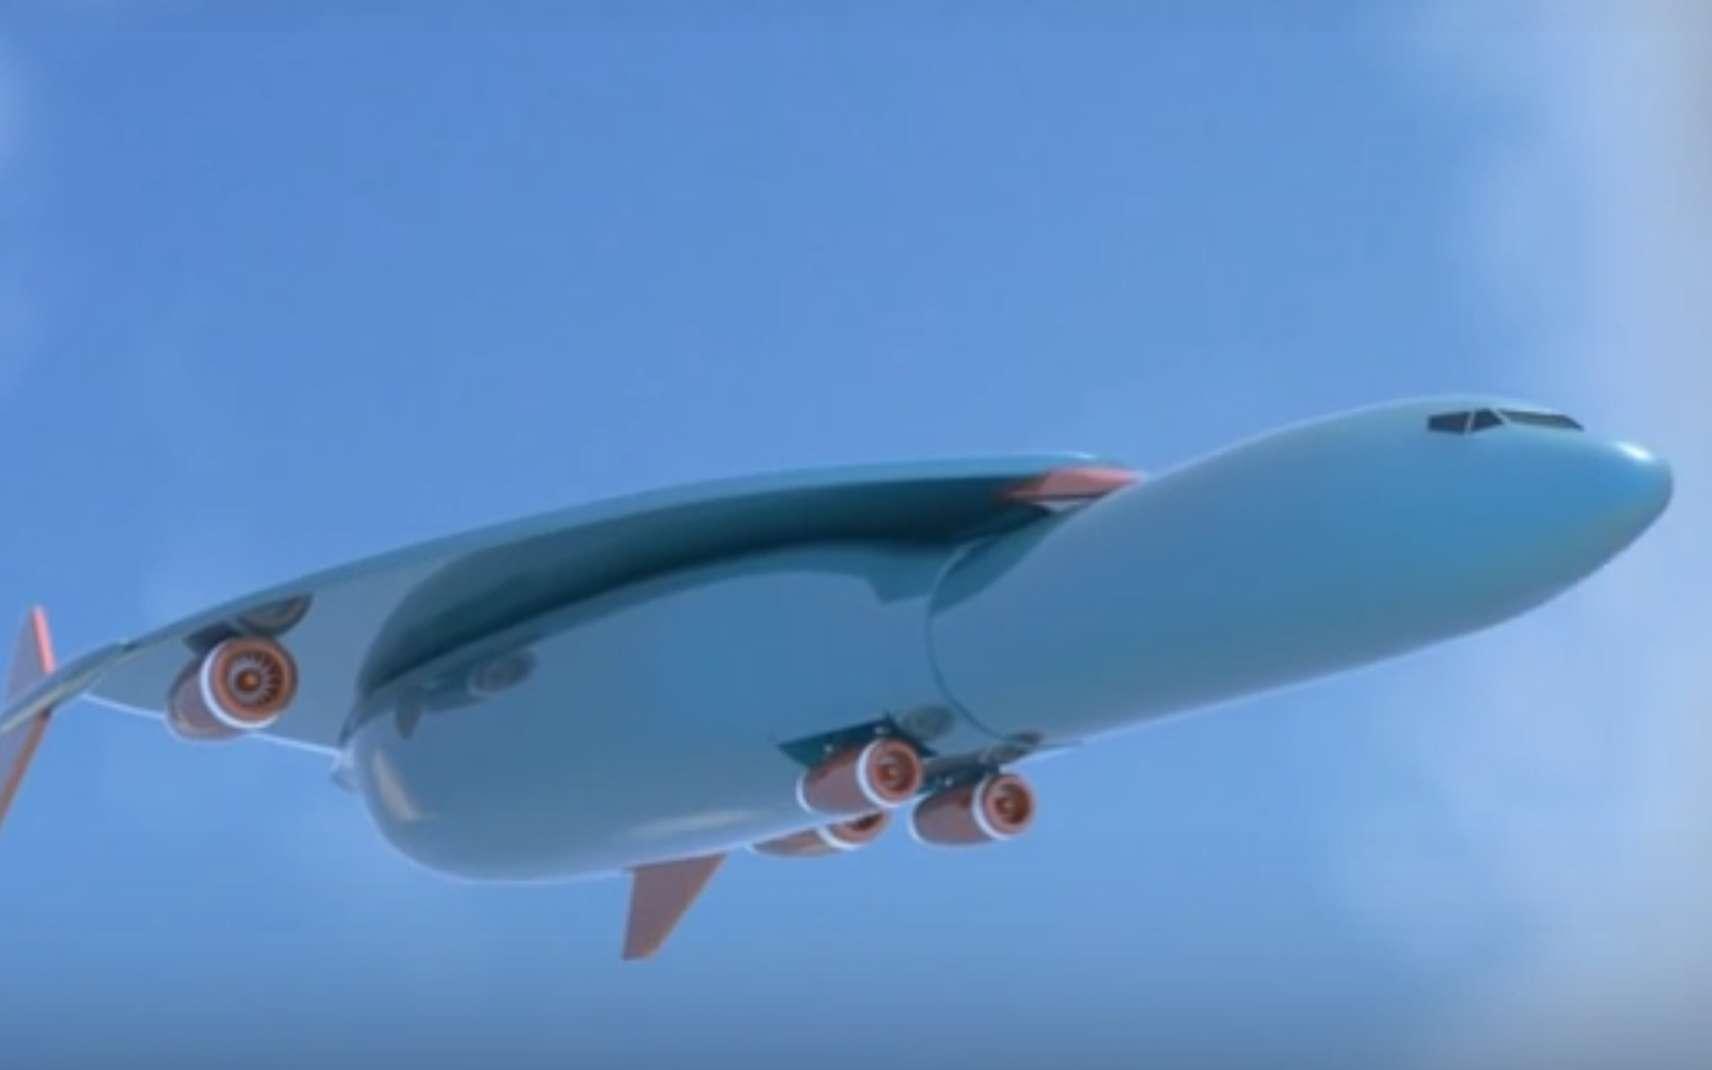 L'avion hypersonique imaginé chez Airbus dans le cadre d'un dépôt de brevet pourrait relier Paris à New York en seulement un peu plus d'une heure. Ici une capture d'écran issue de la vidéo du blogger Deepak Gupta. © PatentYogi, Youtube